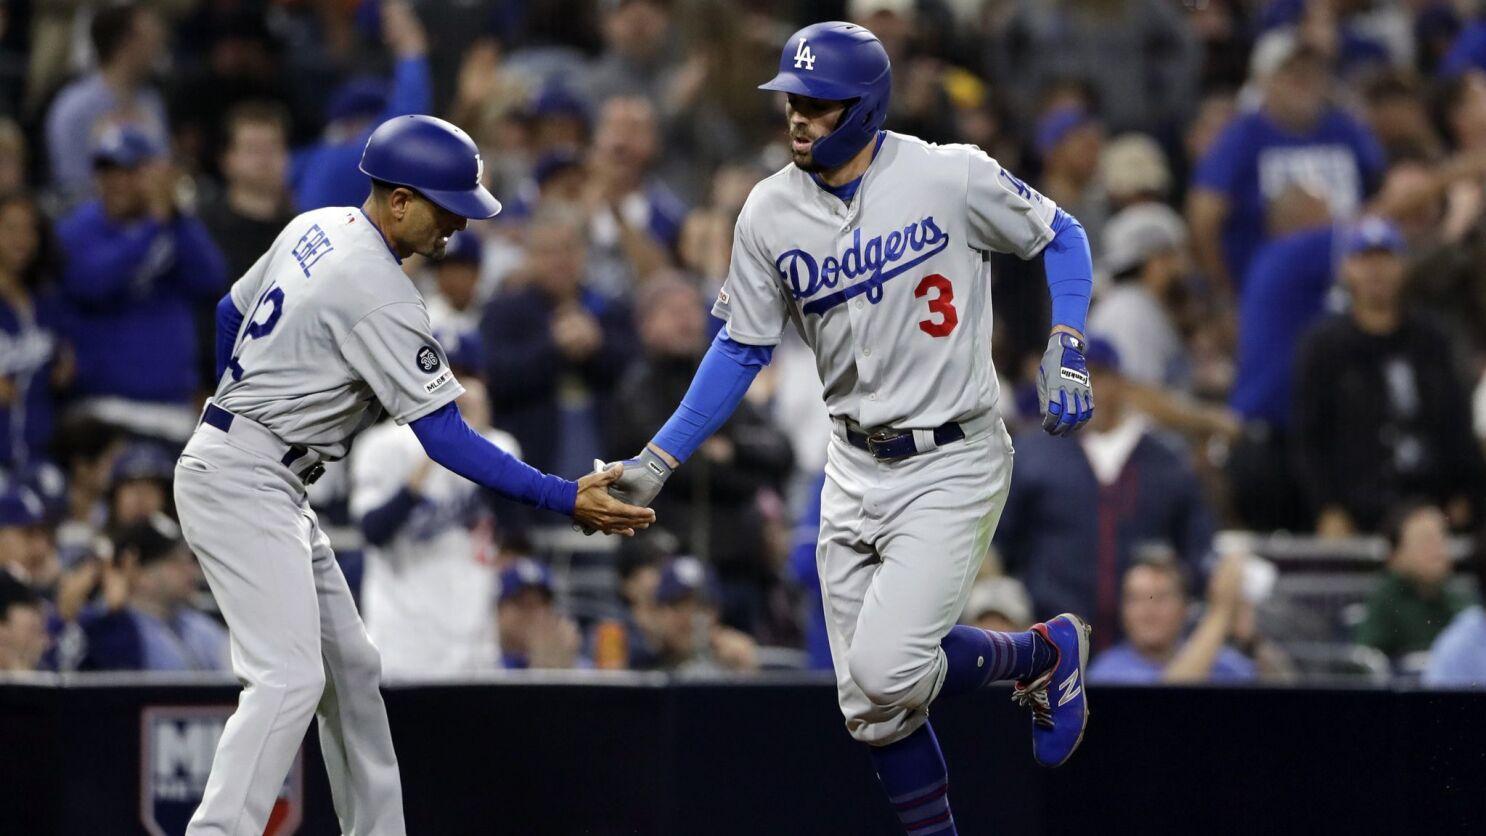 Chris Taylor, Enrique Hernandez to rejoin Dodgers